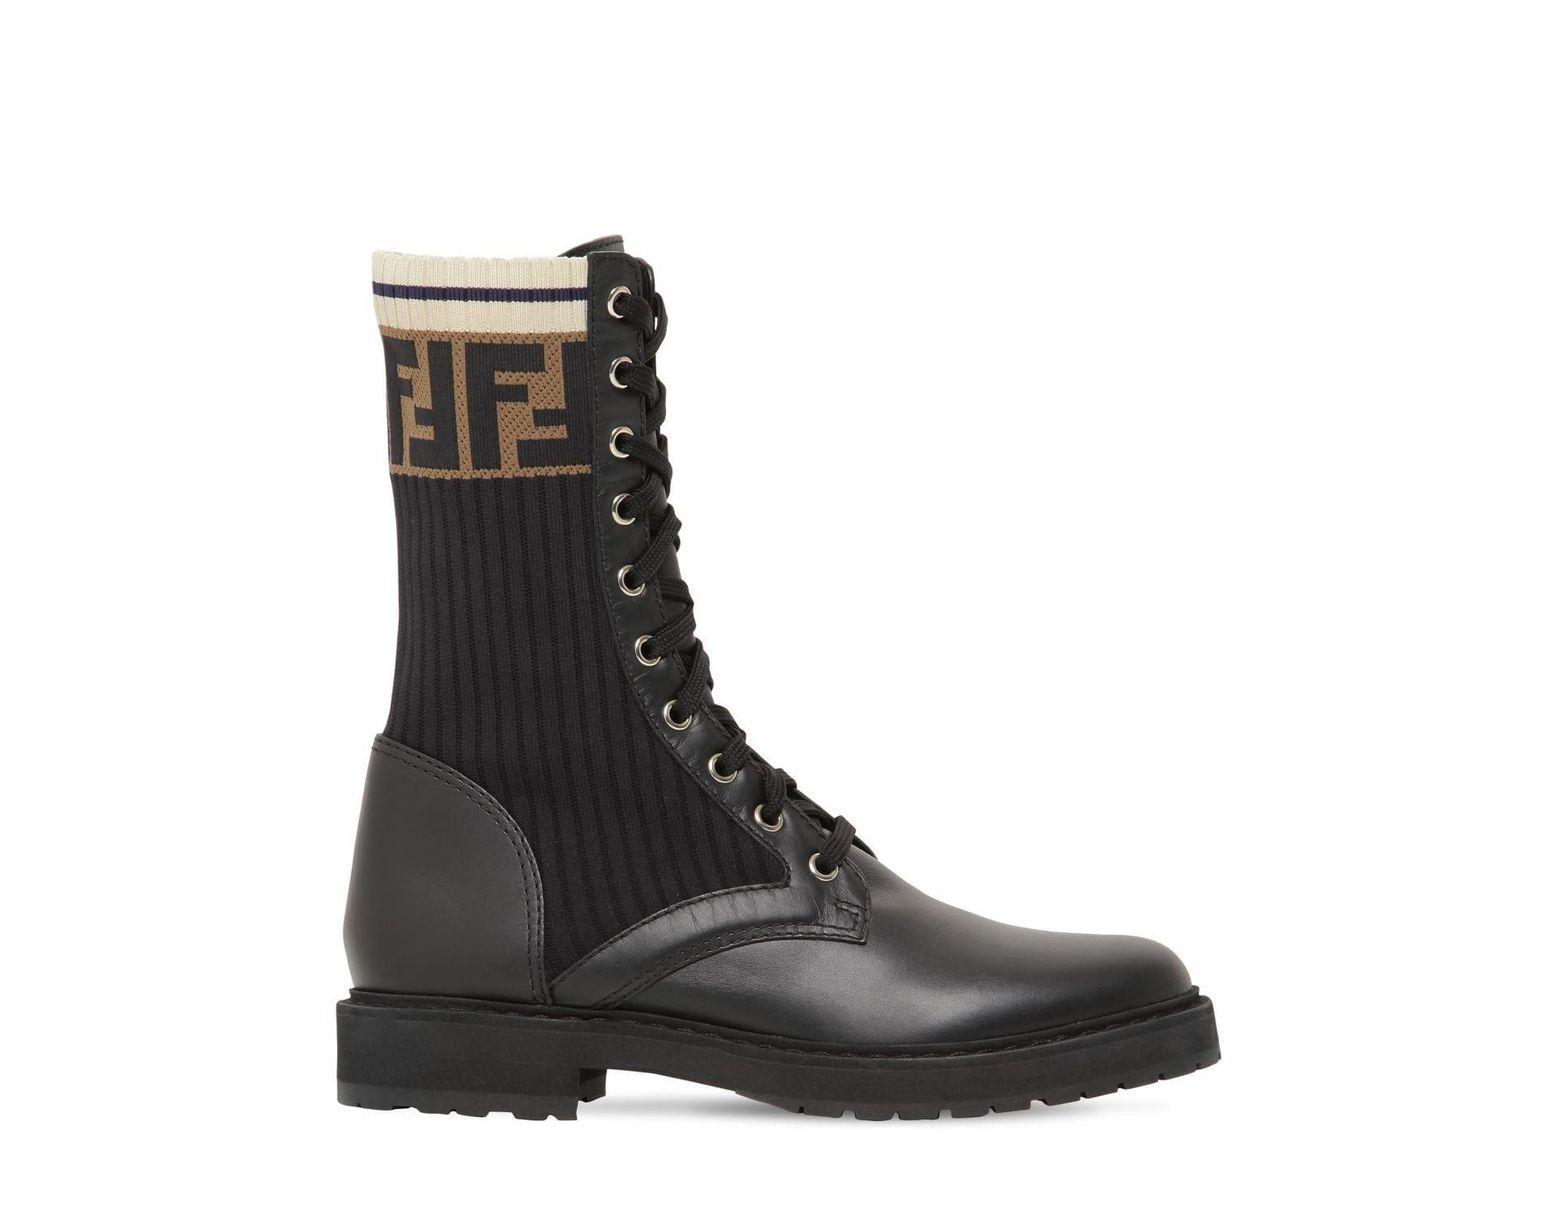 9f7f3f6b230f3 Fendi 20mm Ff Leather & Rib Knit Combat Boots in Black - Save 29% - Lyst